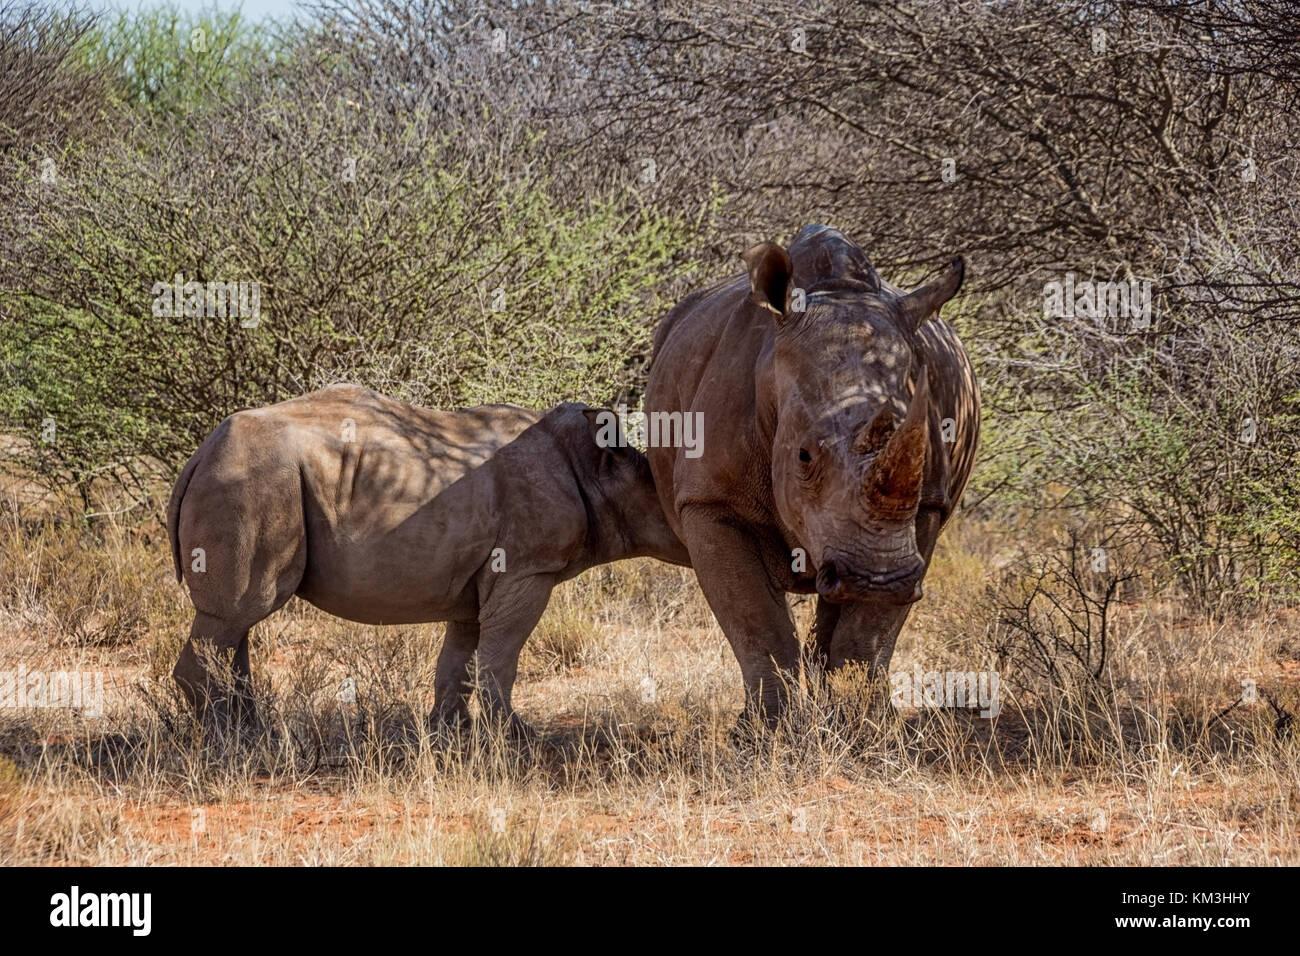 Un rhinocéros blanc mère et son petit dans le sud de la savane africaine Photo Stock